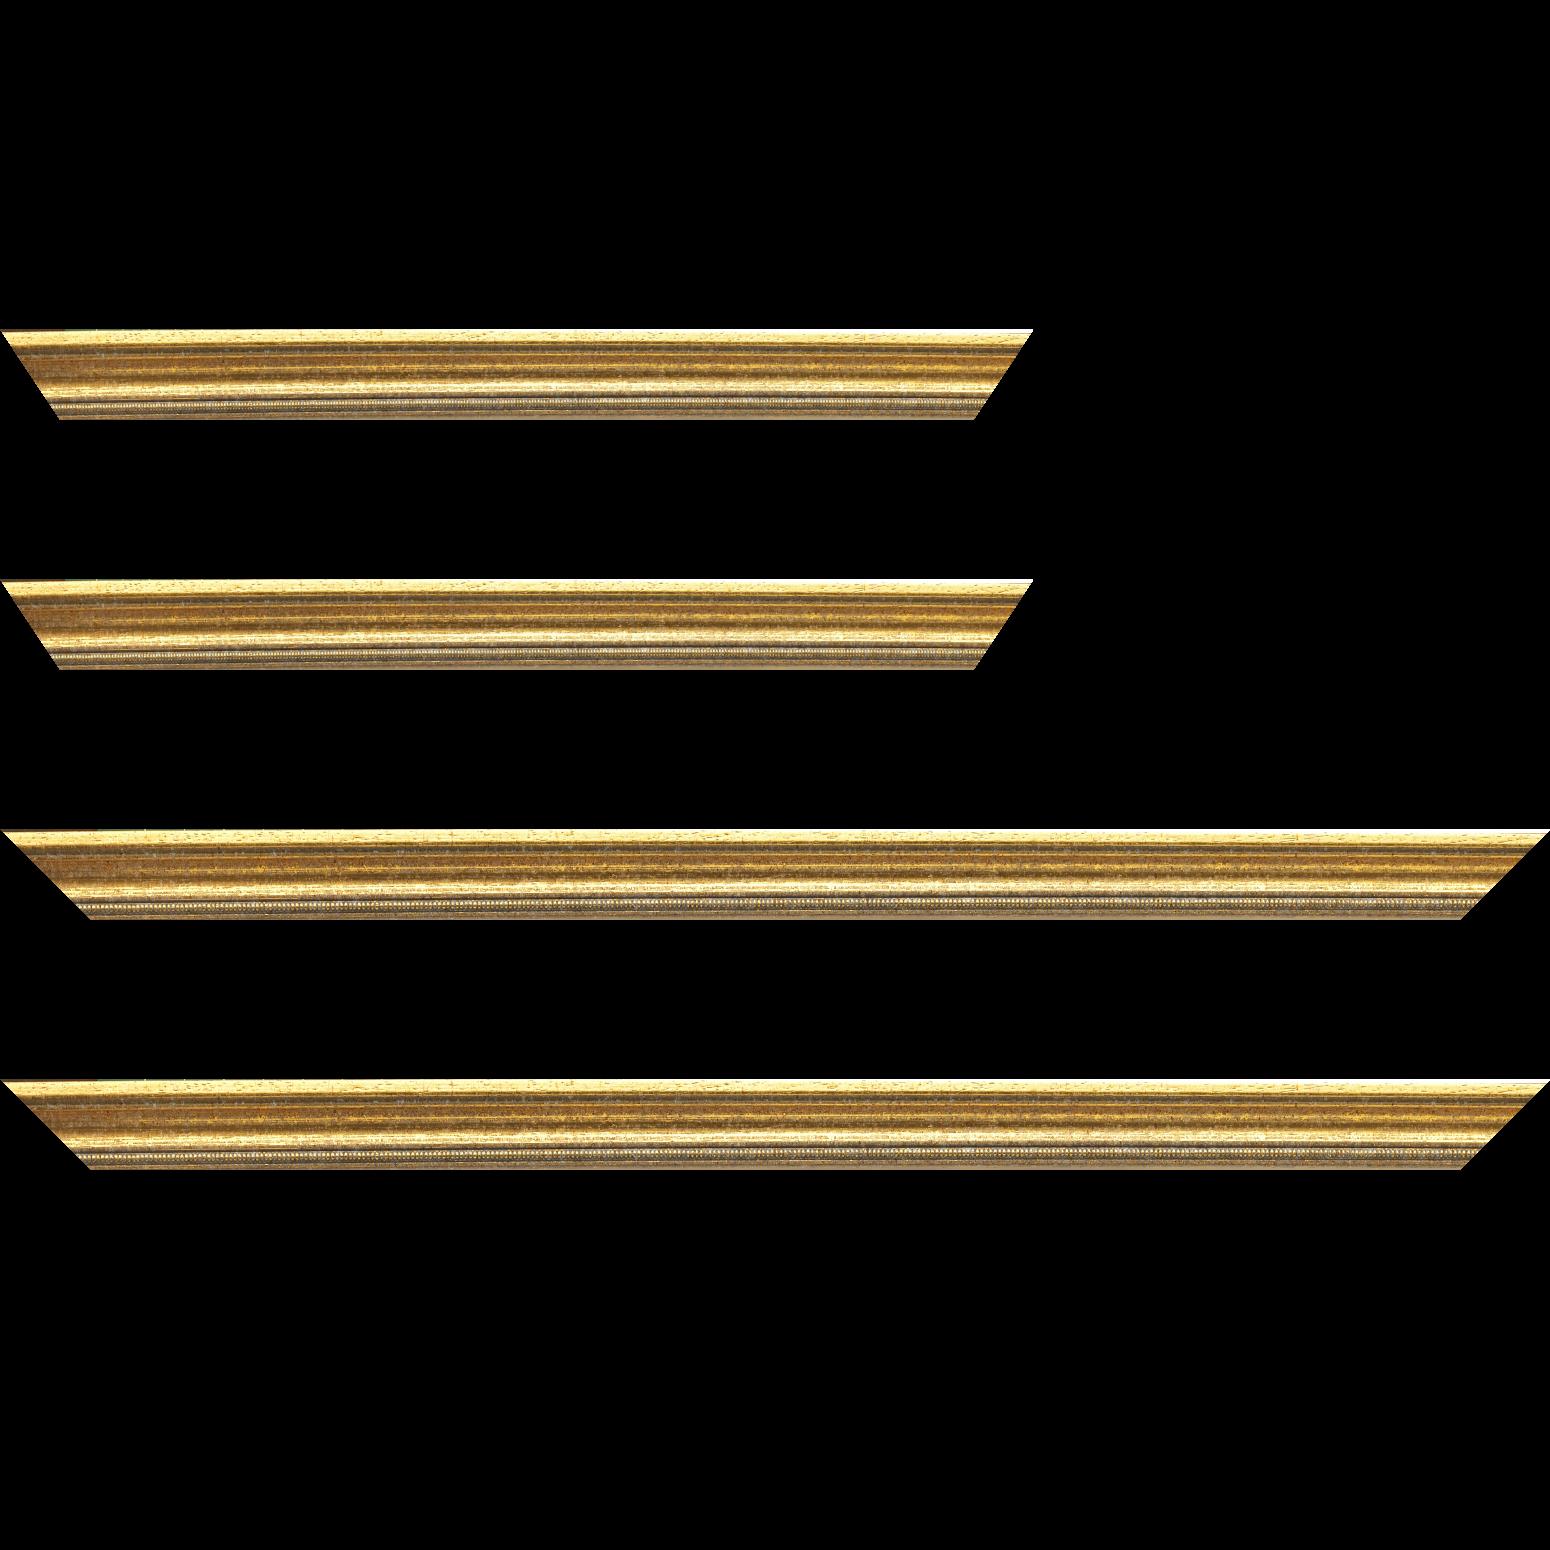 Baguette service précoupé Bois profil incuvé largeur 2.4cm  or antique gorge or filet perle or